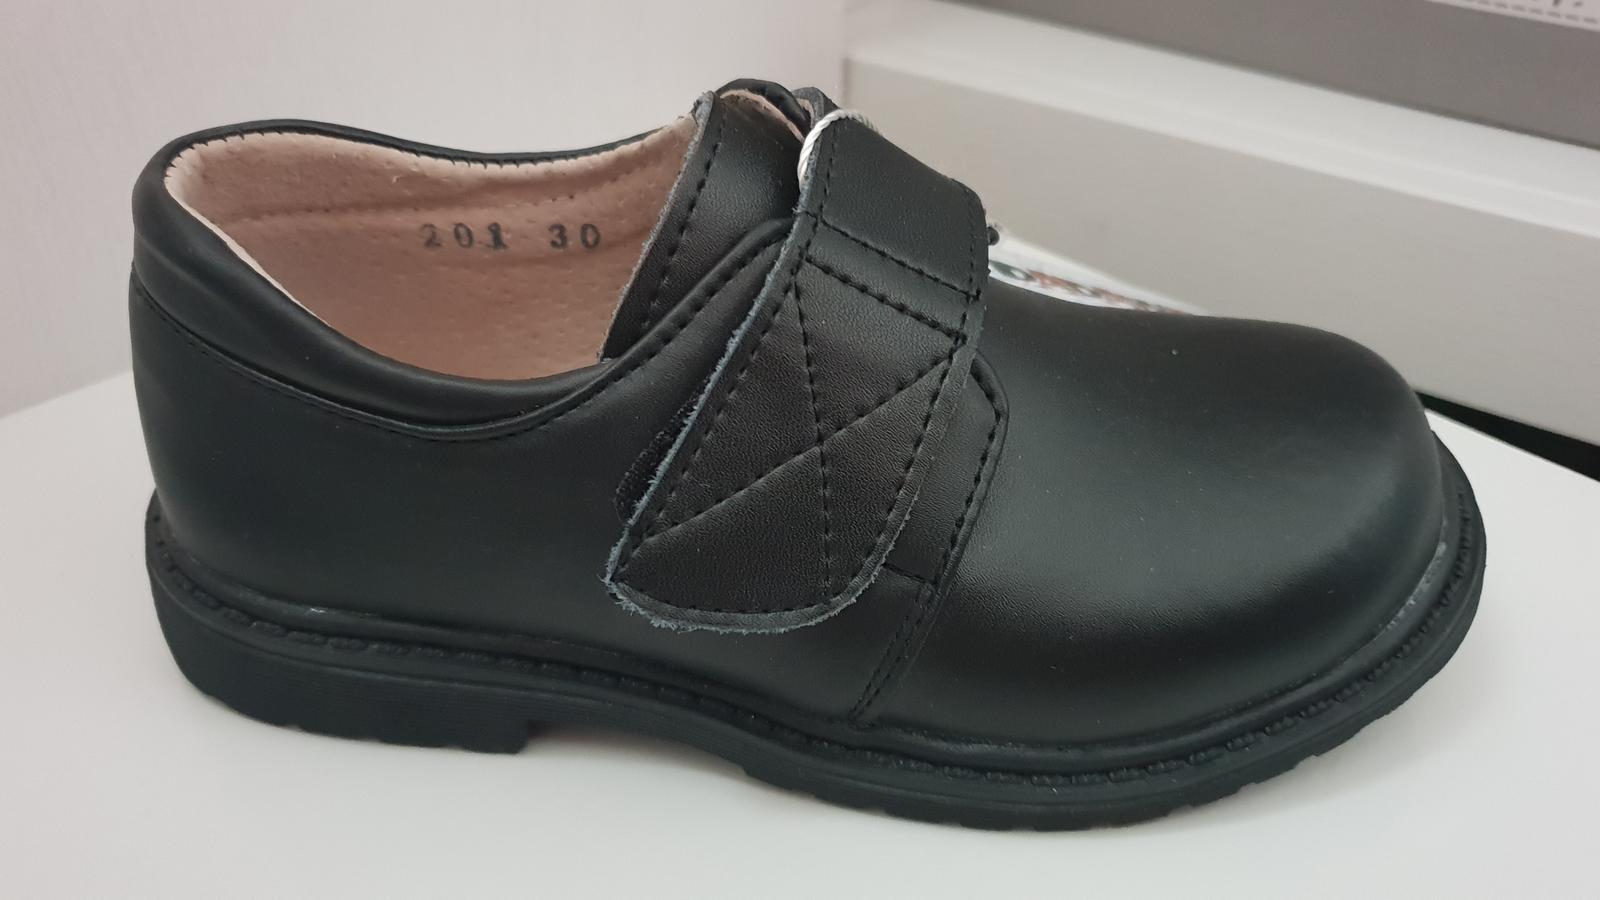 svatební chlapecké boty n o v é - Obrázek č. 1